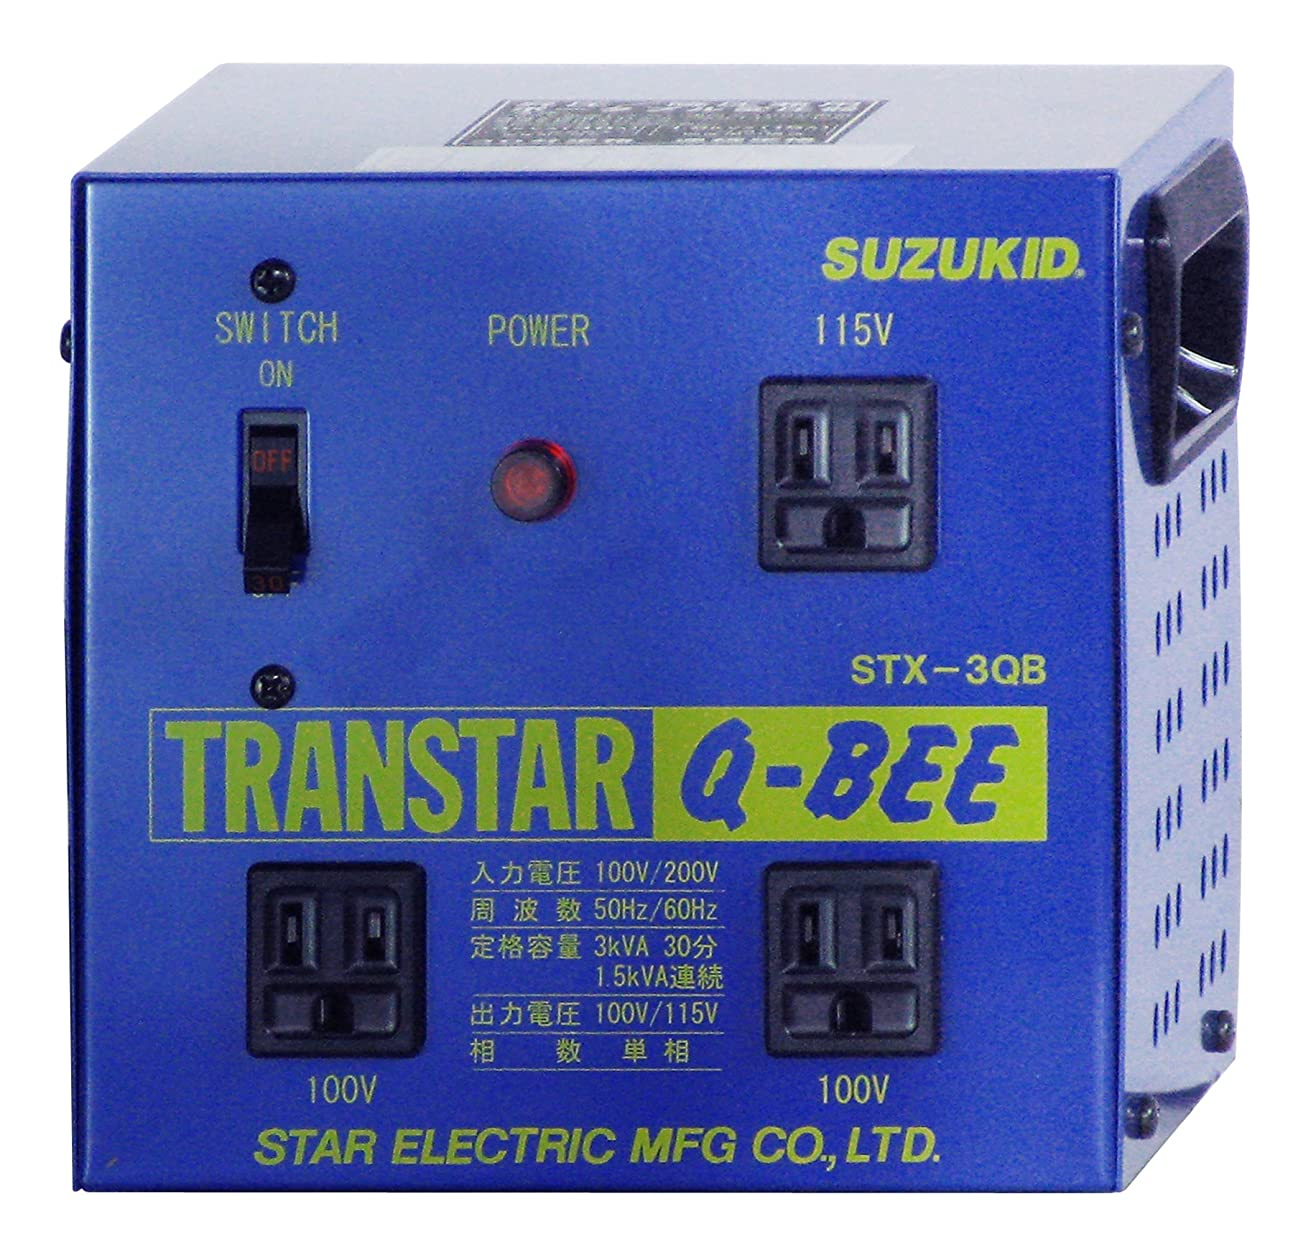 適切にコンドーム変成器スズキッド(SUZUKID) トランスターQBEE STX-3QB